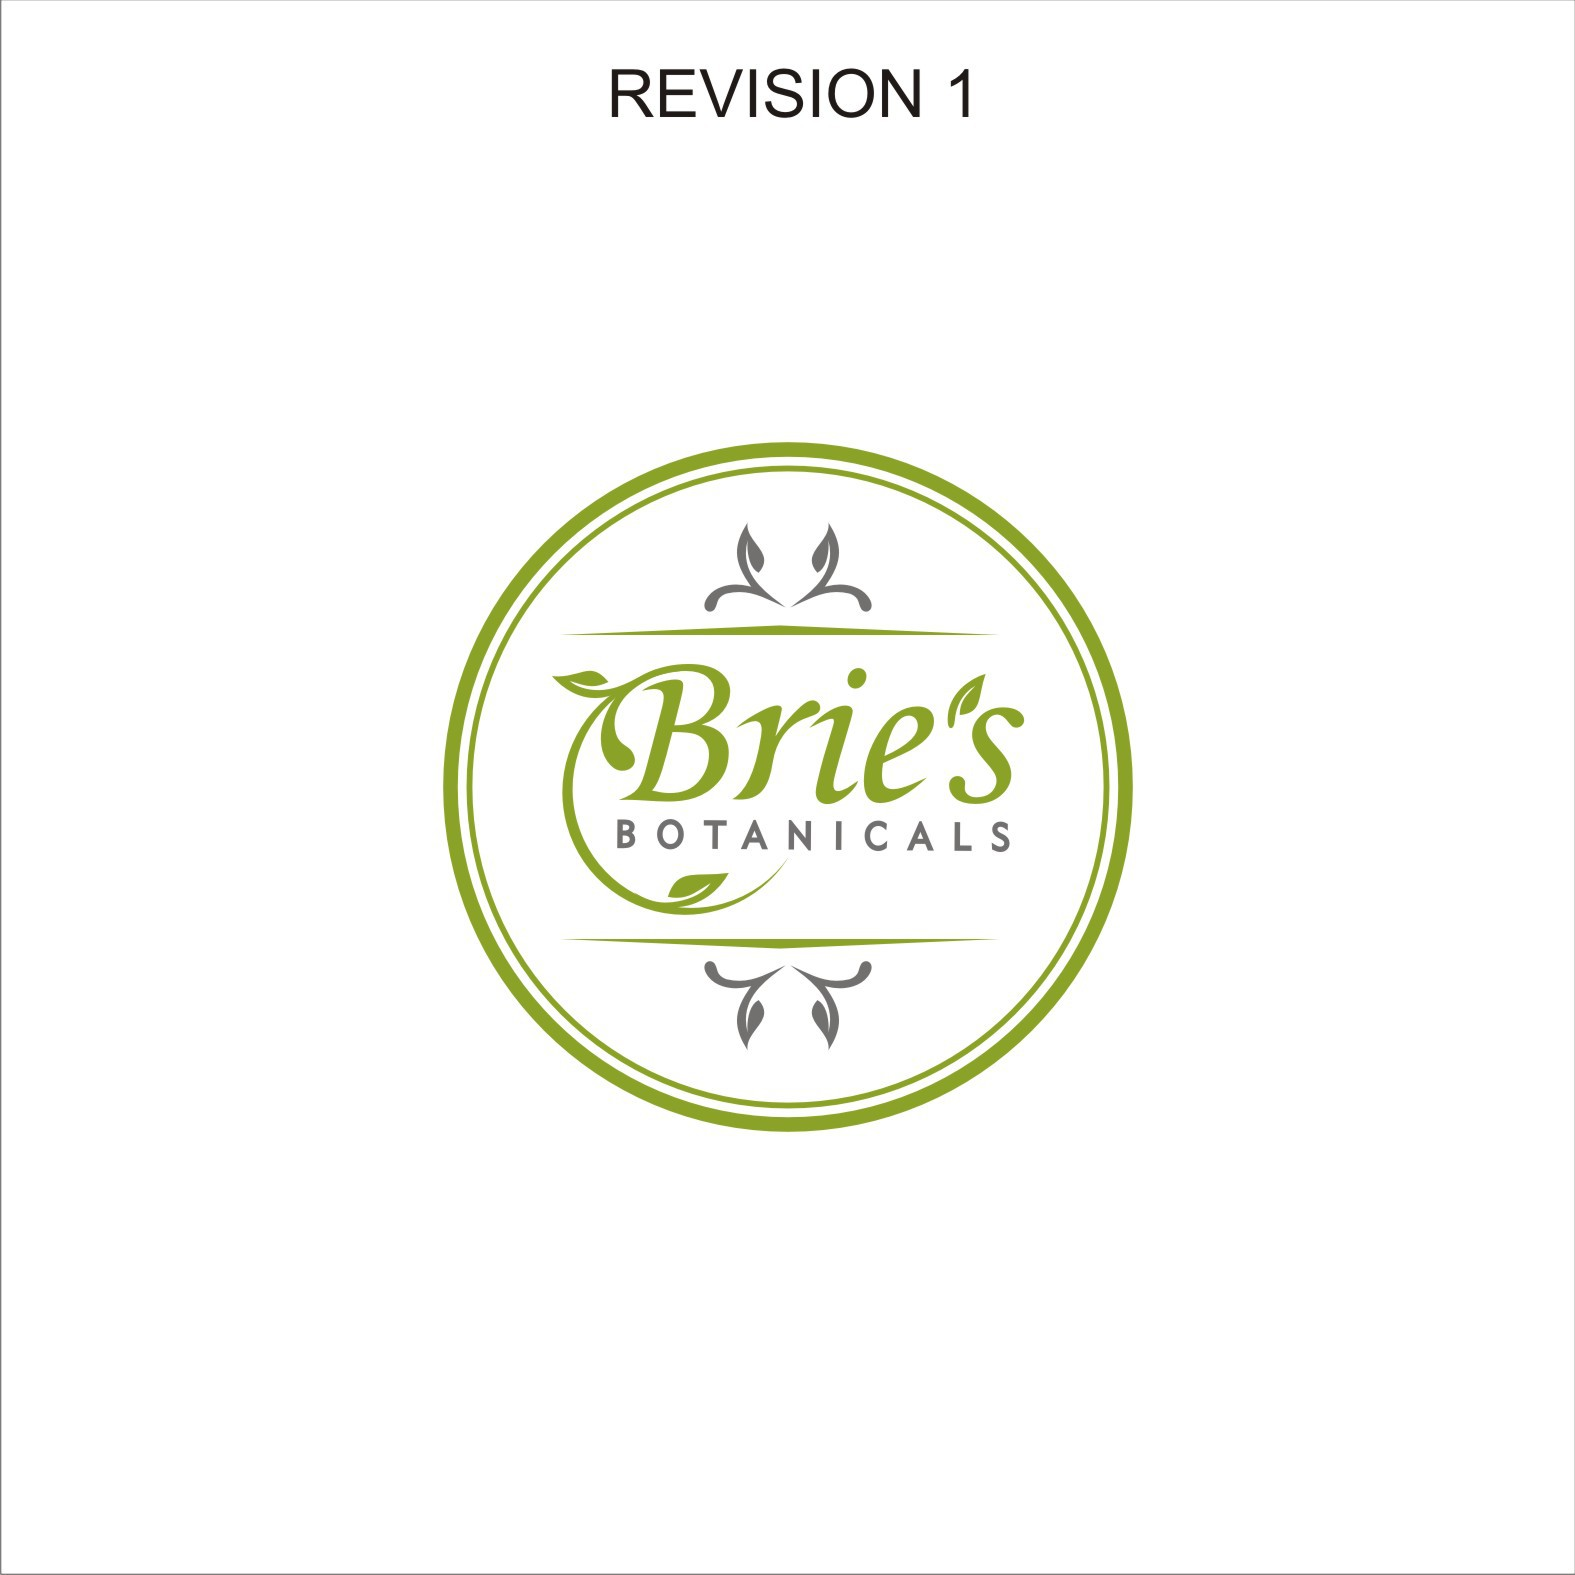 Brie's Botanicals needs a stunning logo!